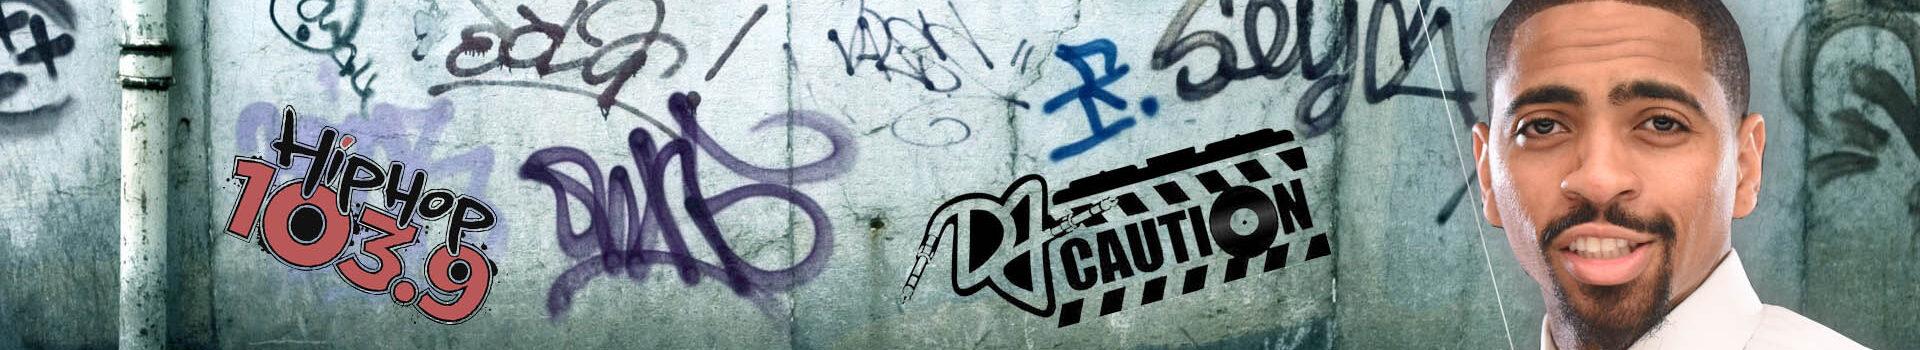 dj caution 856 - nj- boom philly-hip hop 103.9